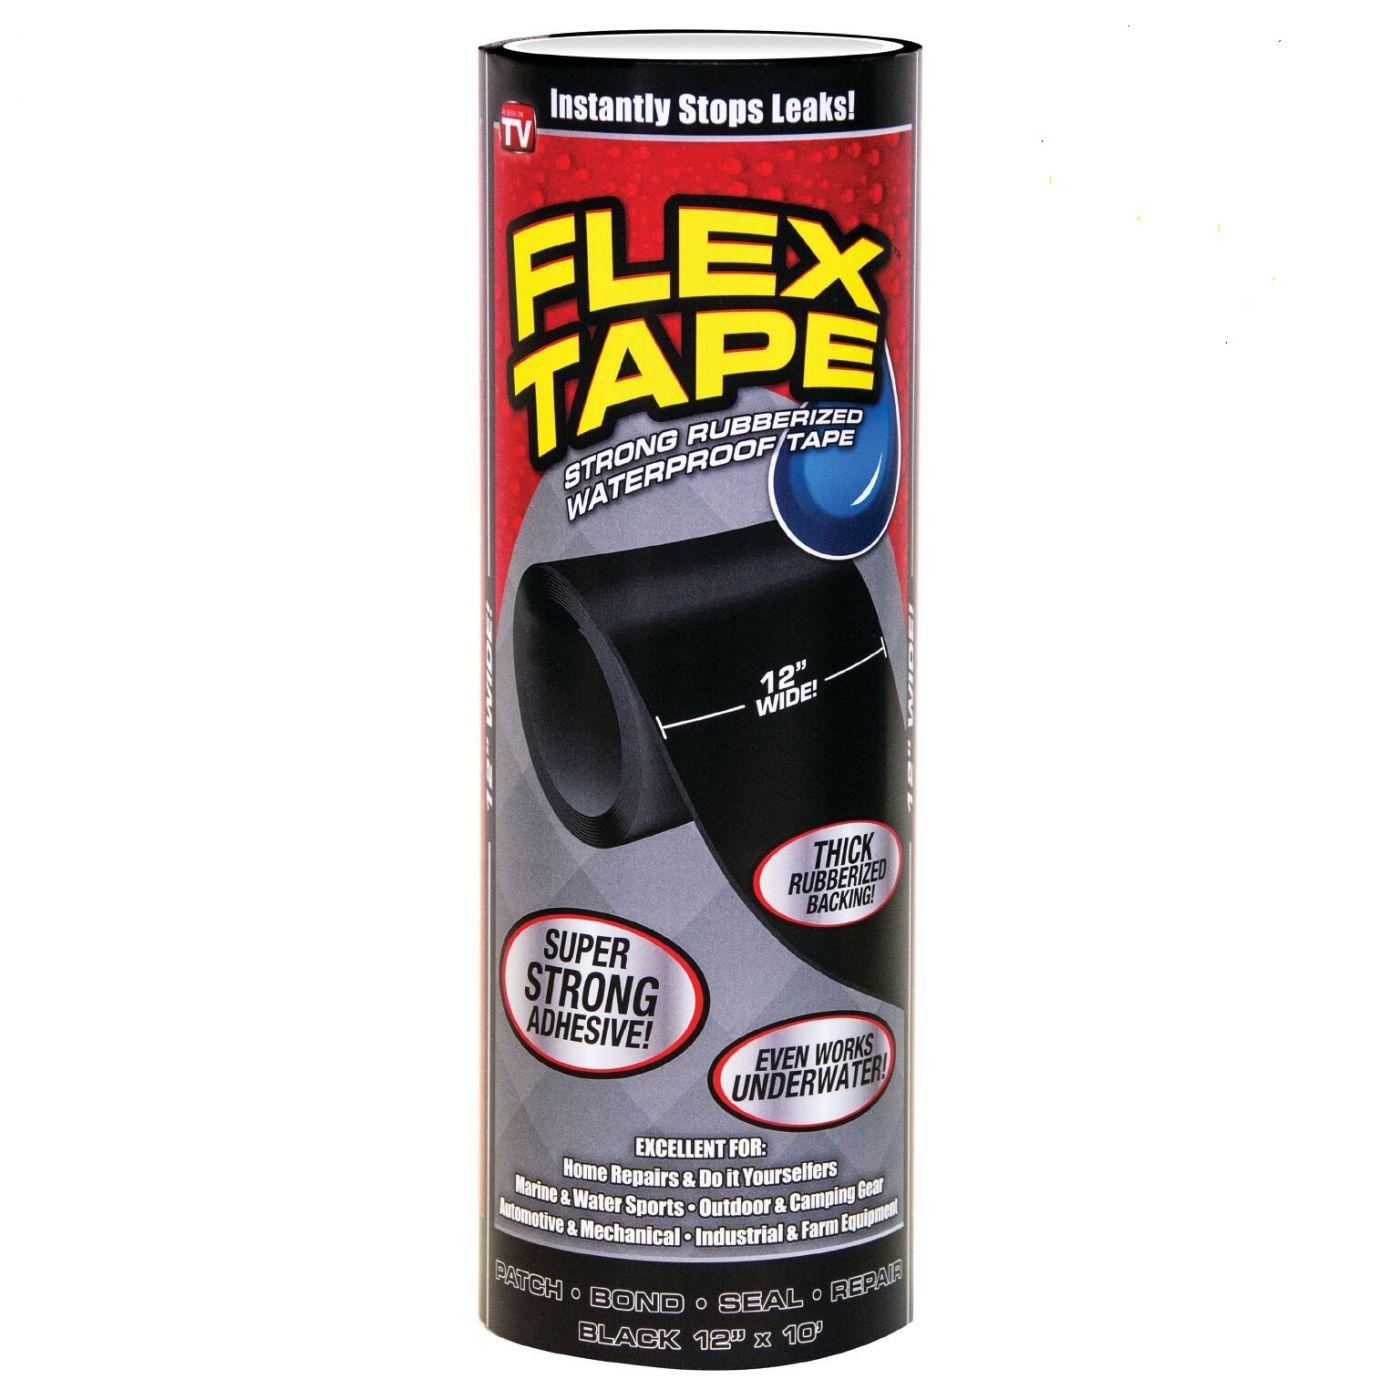 Сверхсильная клейкая лента Flex Tape, 18 см, Чёрный